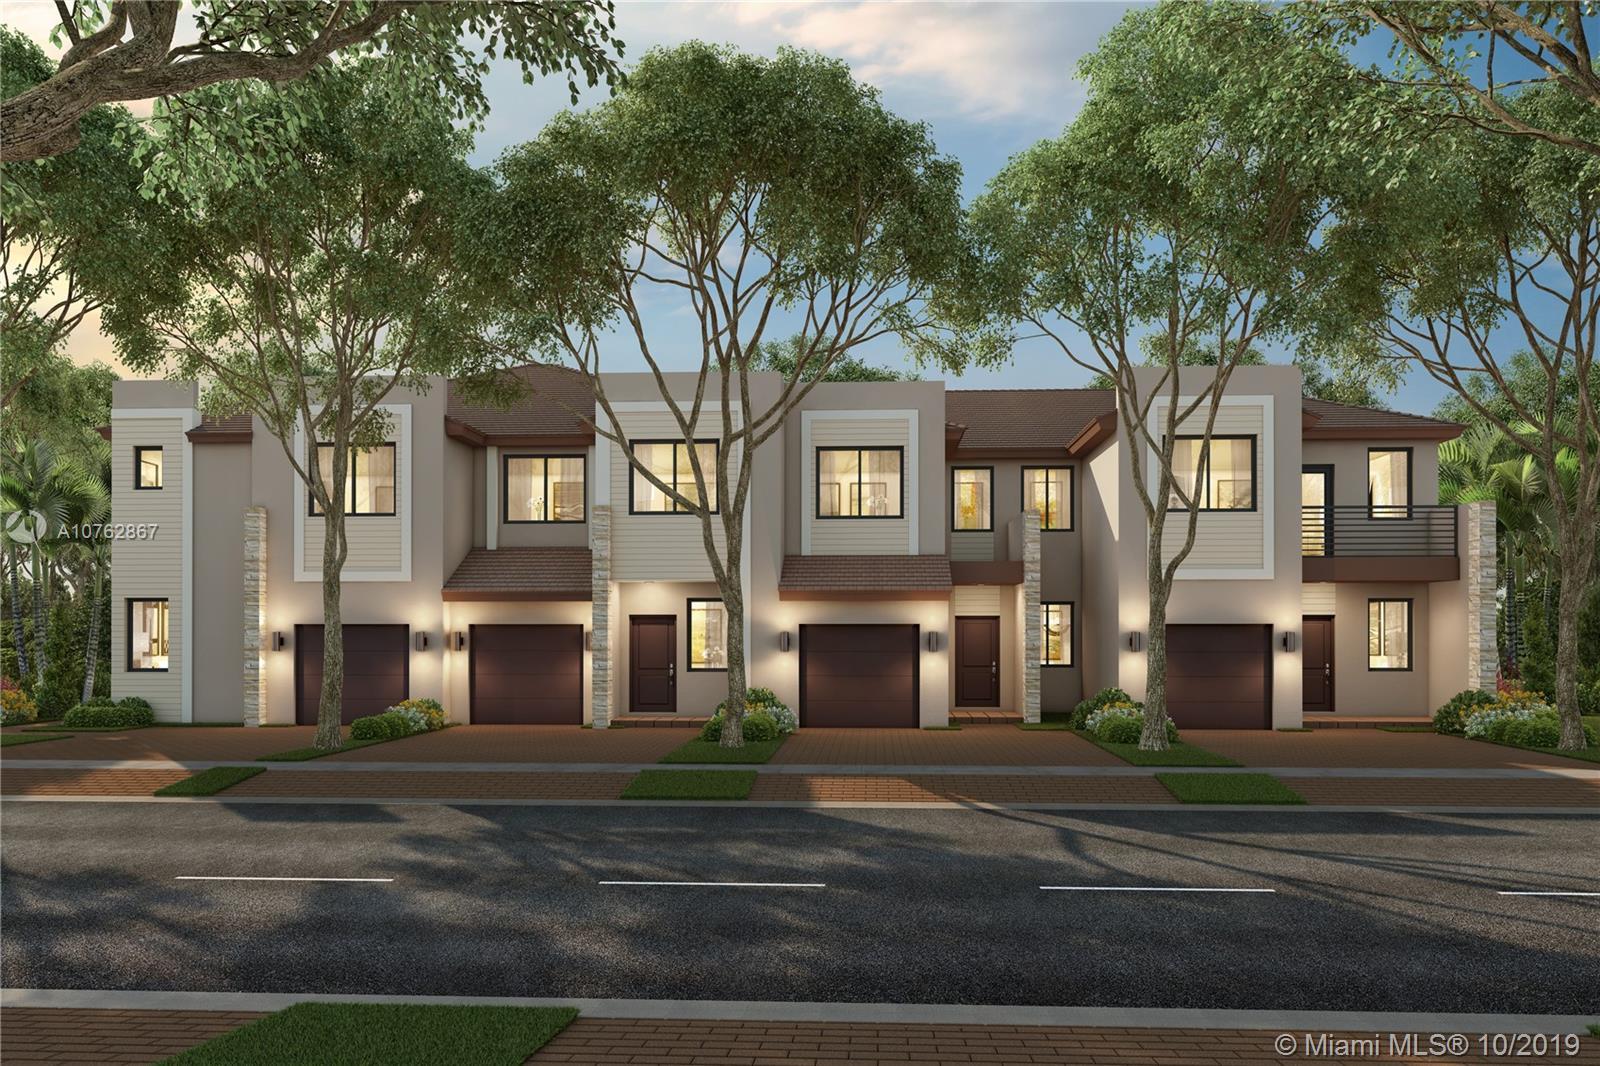 20961 NE 2 PL, Miami, FL 33179 - Miami, FL real estate listing